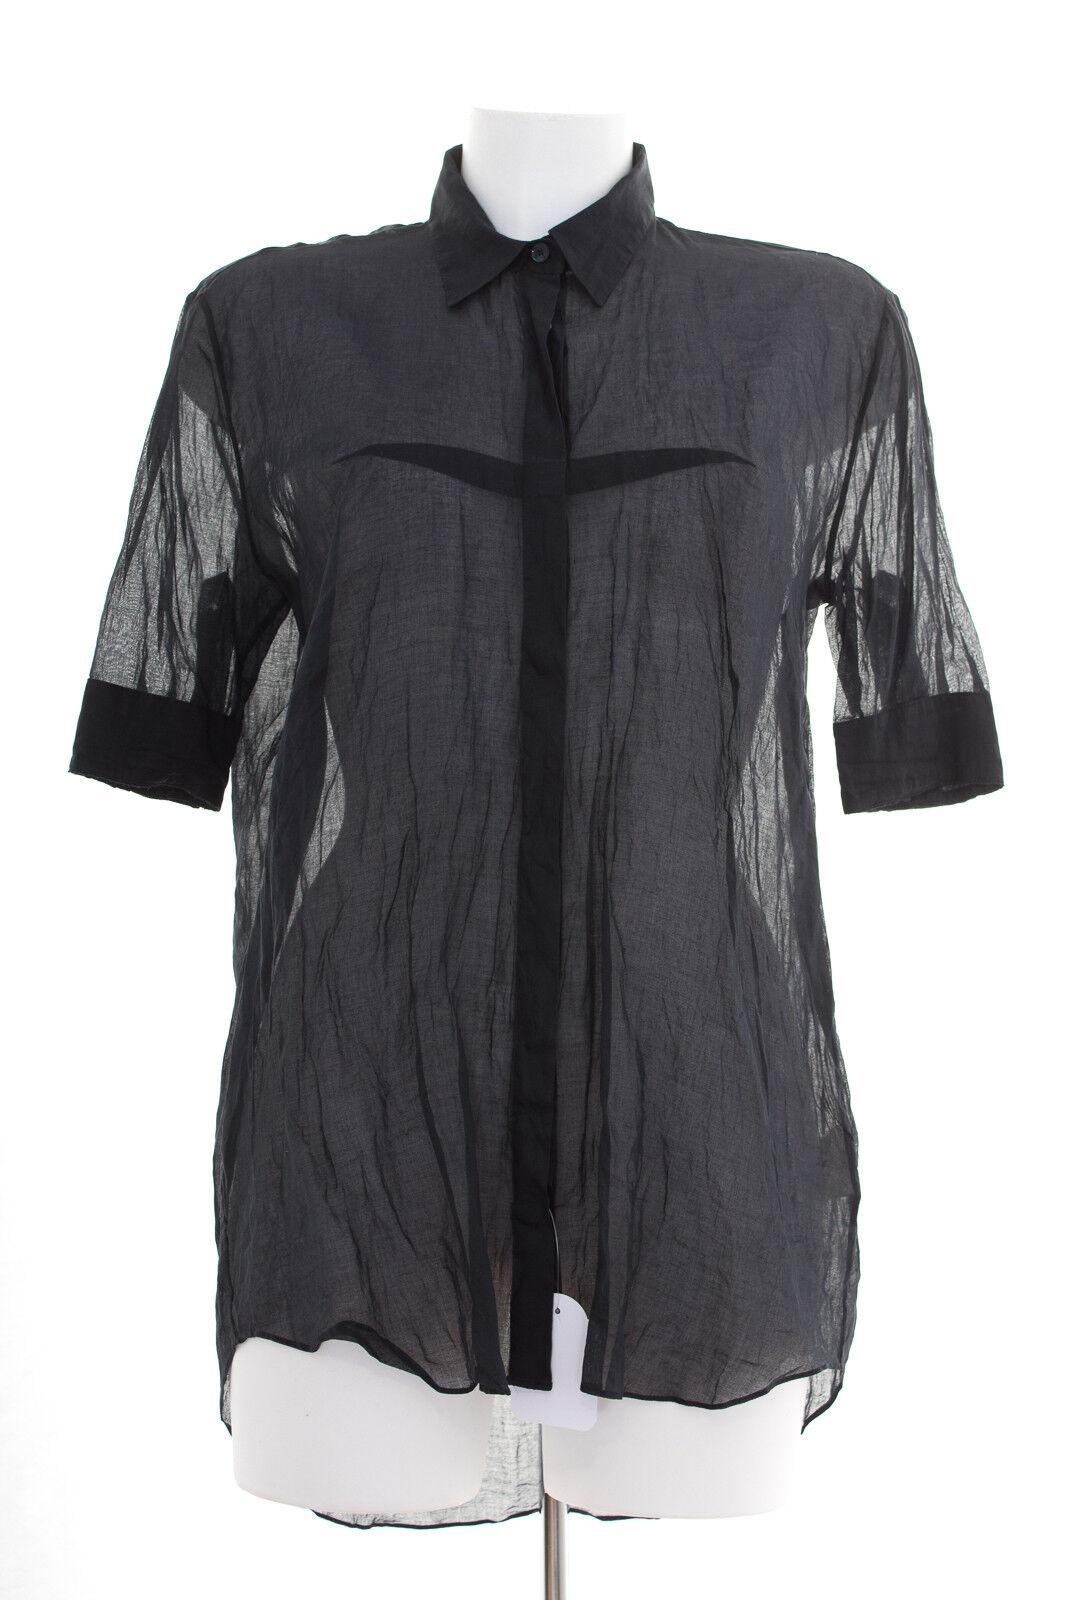 Acne Camicia Tg. de 36 Donna Blouse Cotone Blu